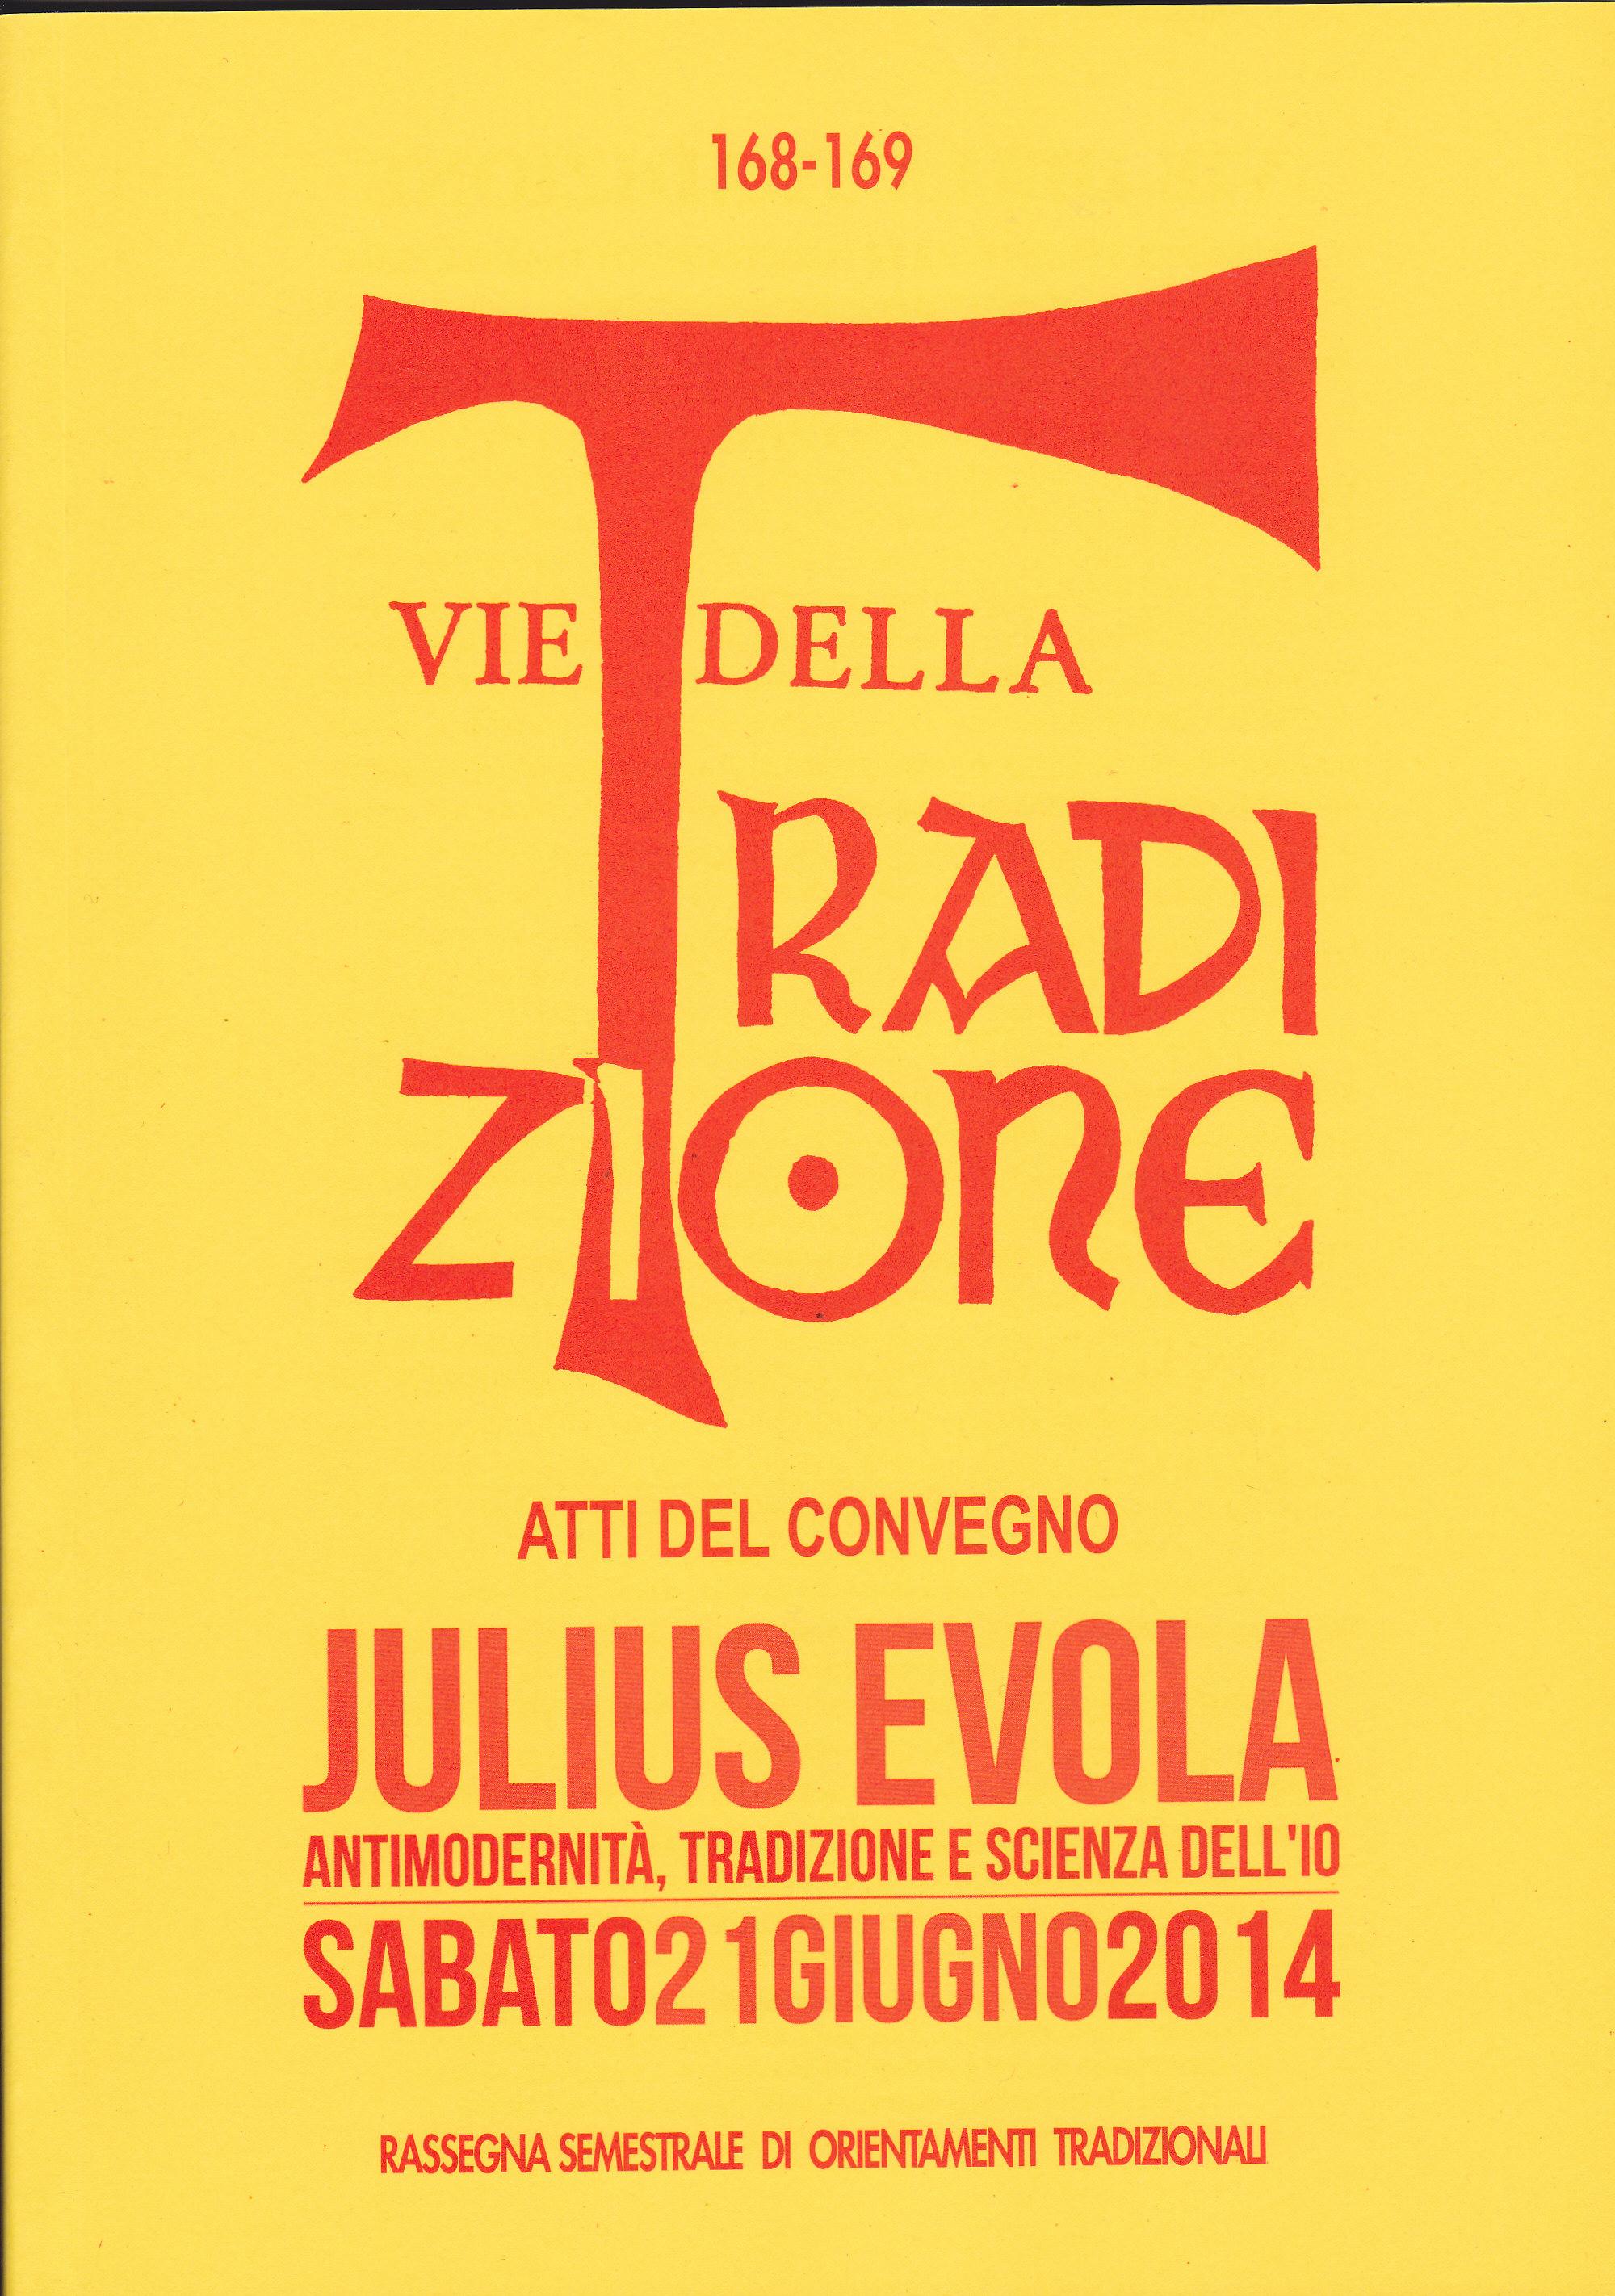 Julius Evola. Antimodernità, Tradizione e scienza dell'Io